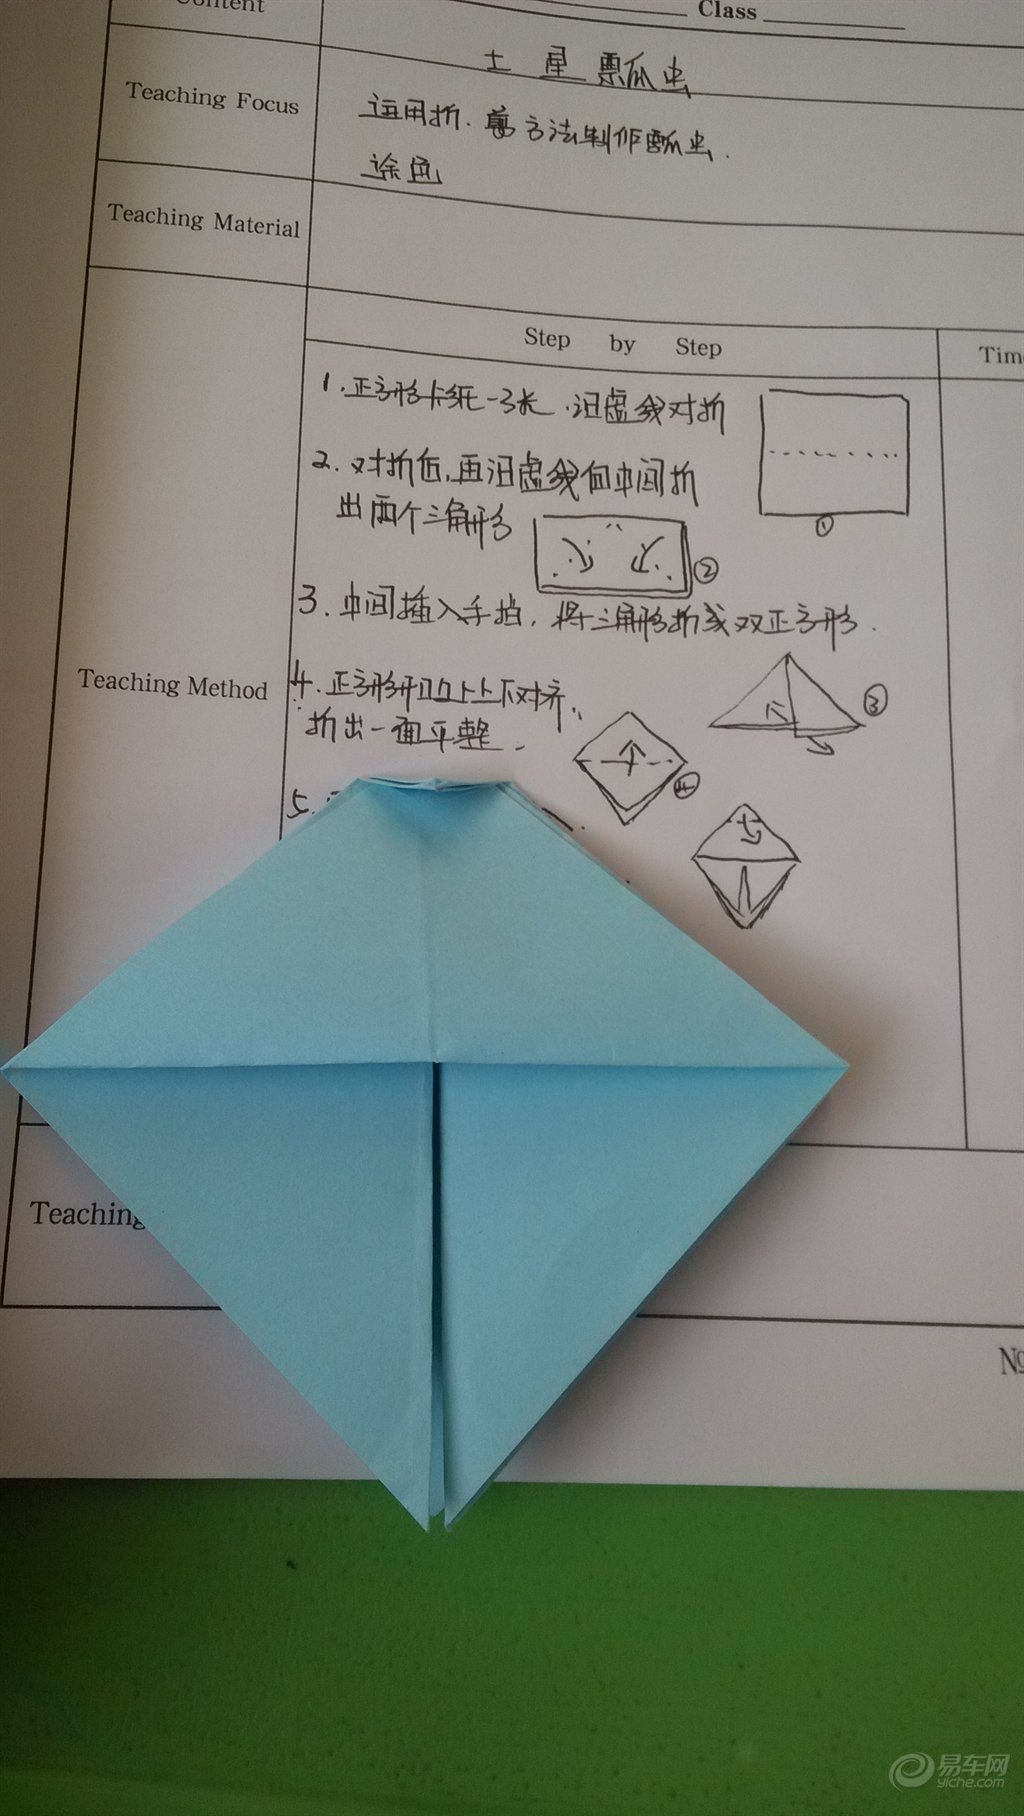 【折纸教程~~七星瓢虫】_山东车友会_汽车论坛-易车网高清图片